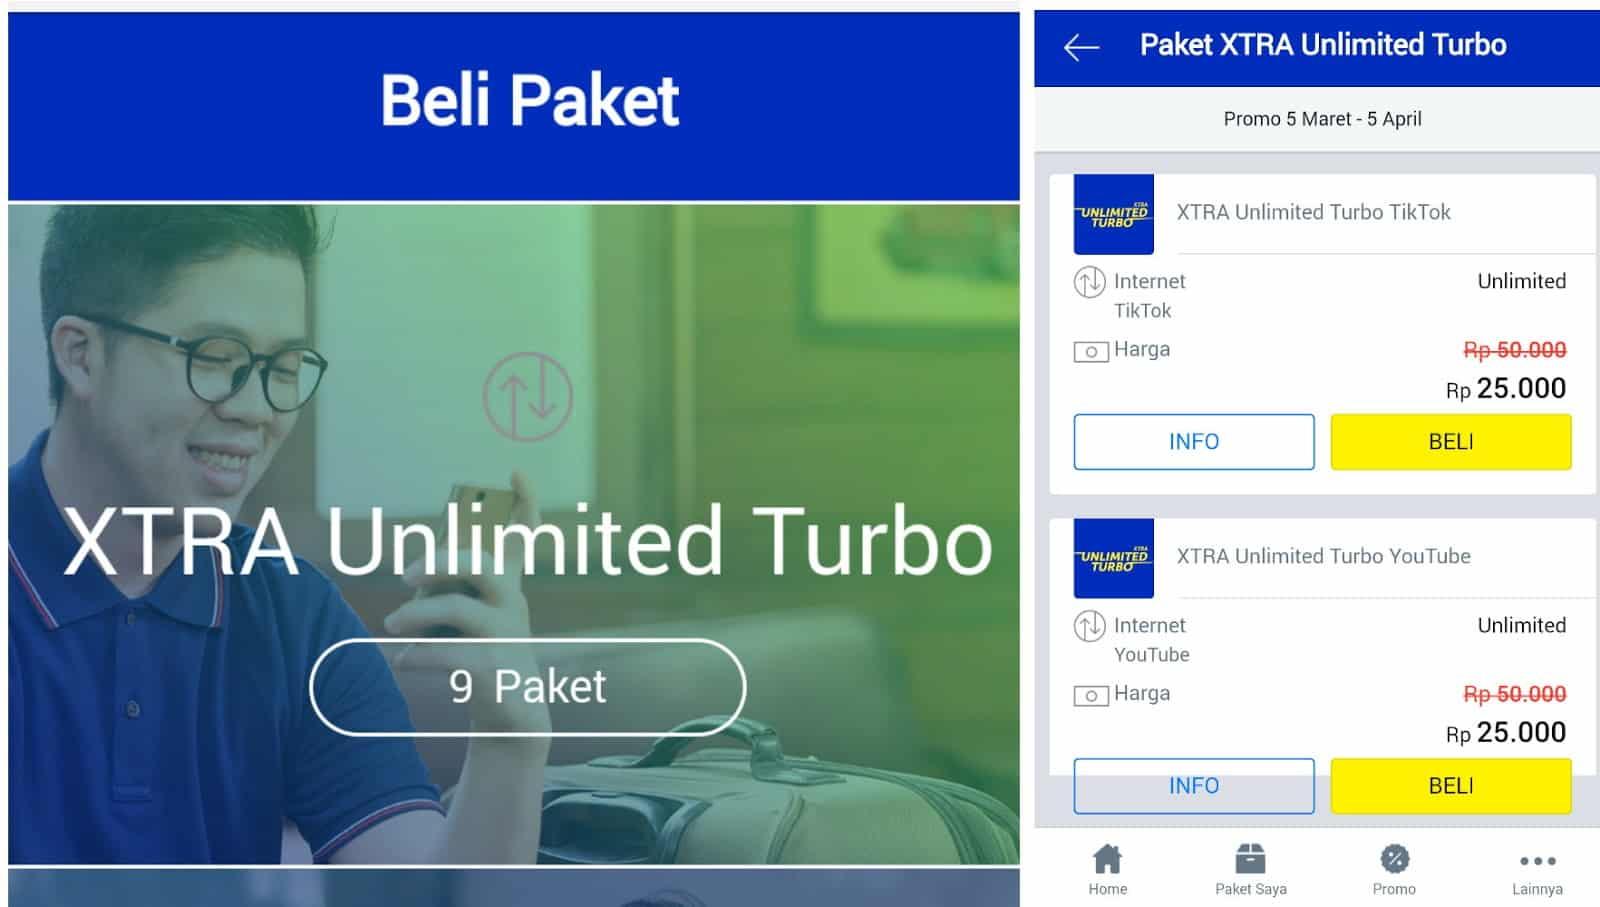 Scroll-hingga-tab-yang-paling-ujung-dan-tap-pada-opsi-menu-Xtra-Unlimited-Turbo